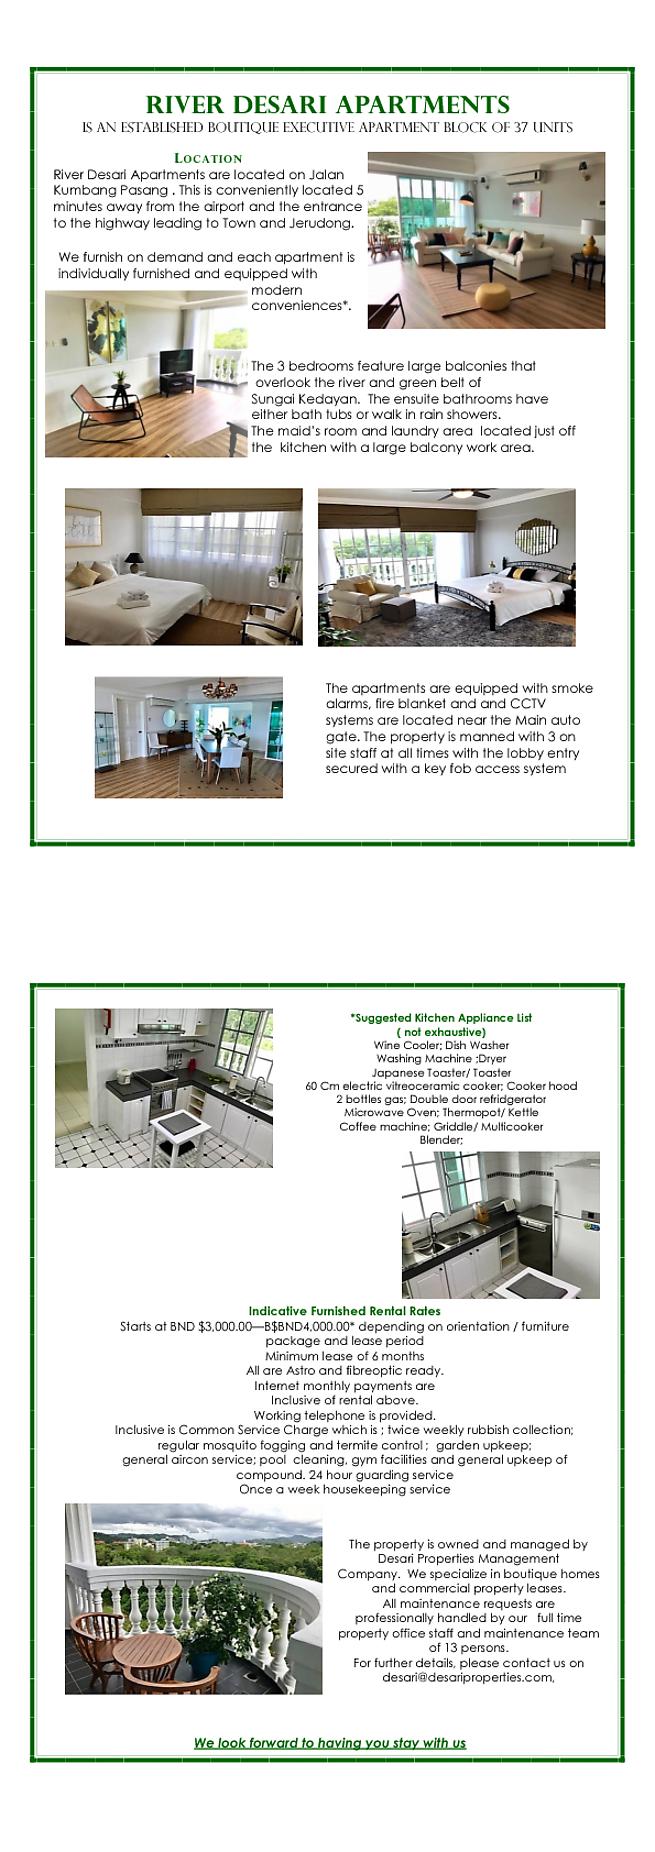 Pan Villa Properties – AB2661, Condominium for rent, River Desari